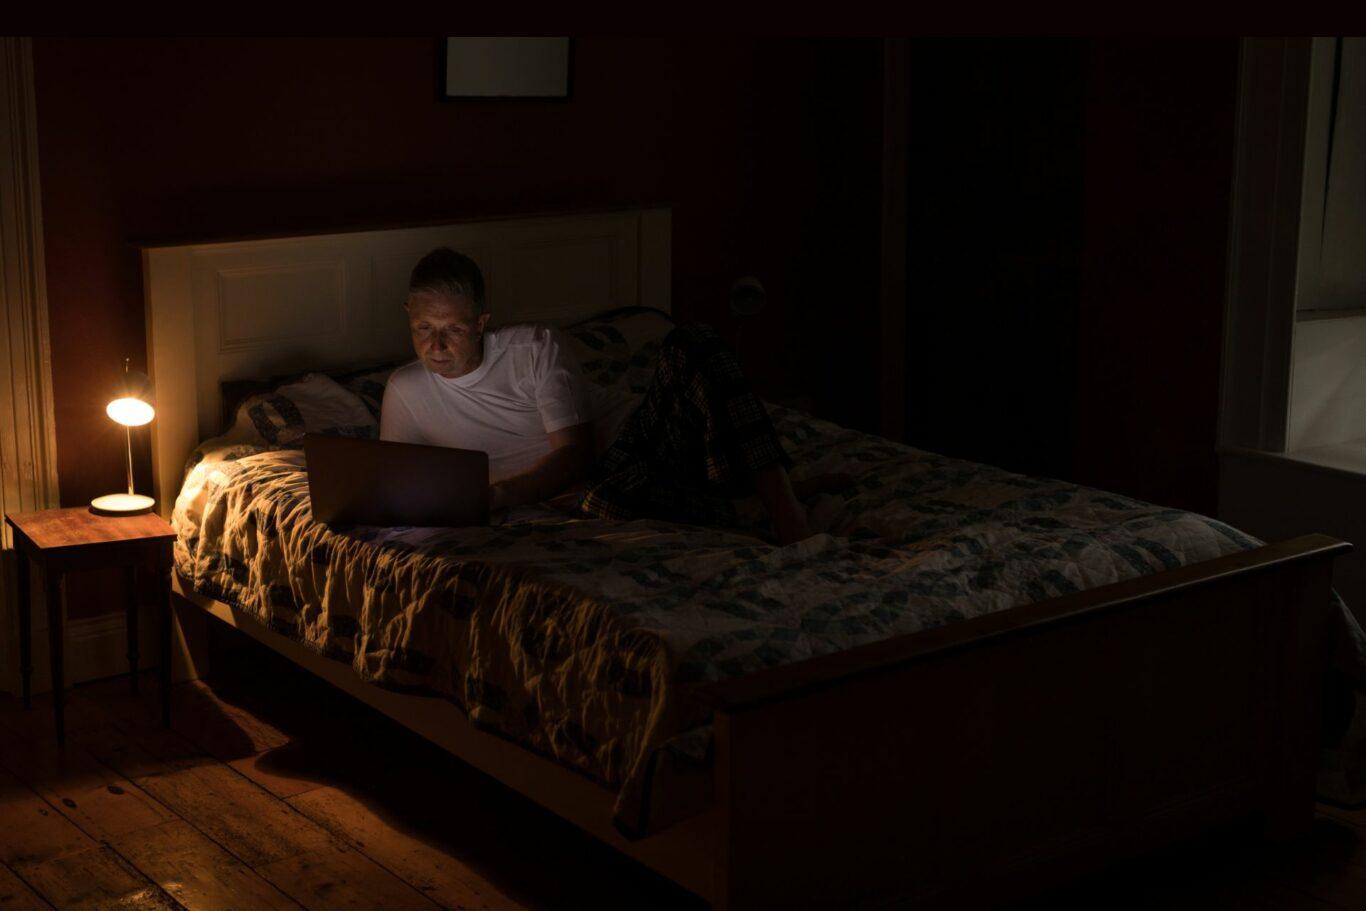 alquilar habitación - 4 consejos clave